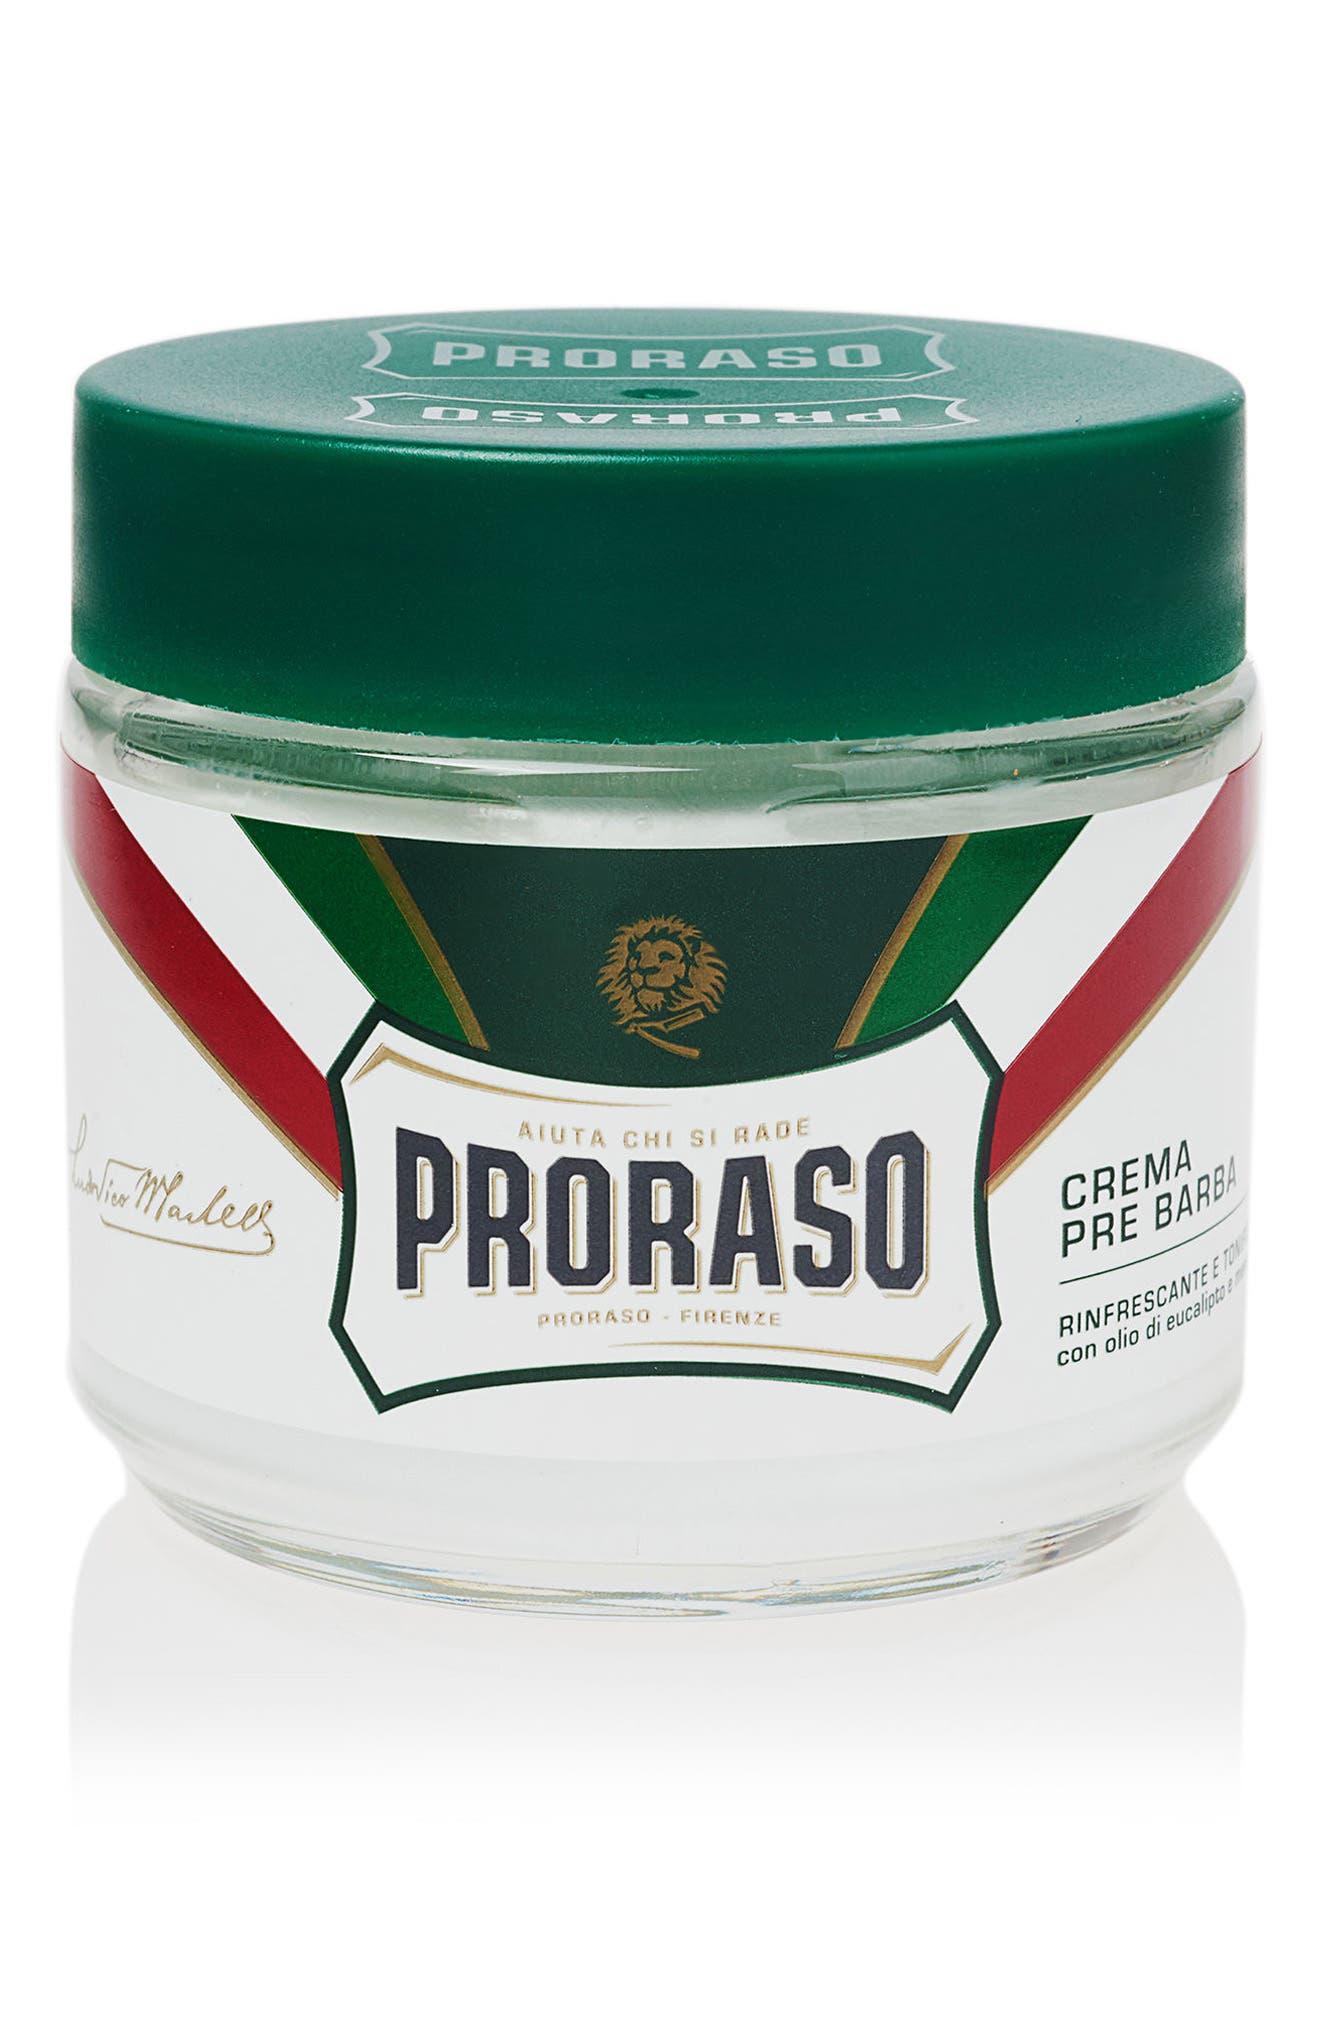 'Proraso' Refresh Pre-Shave Cream,                             Main thumbnail 1, color,                             000